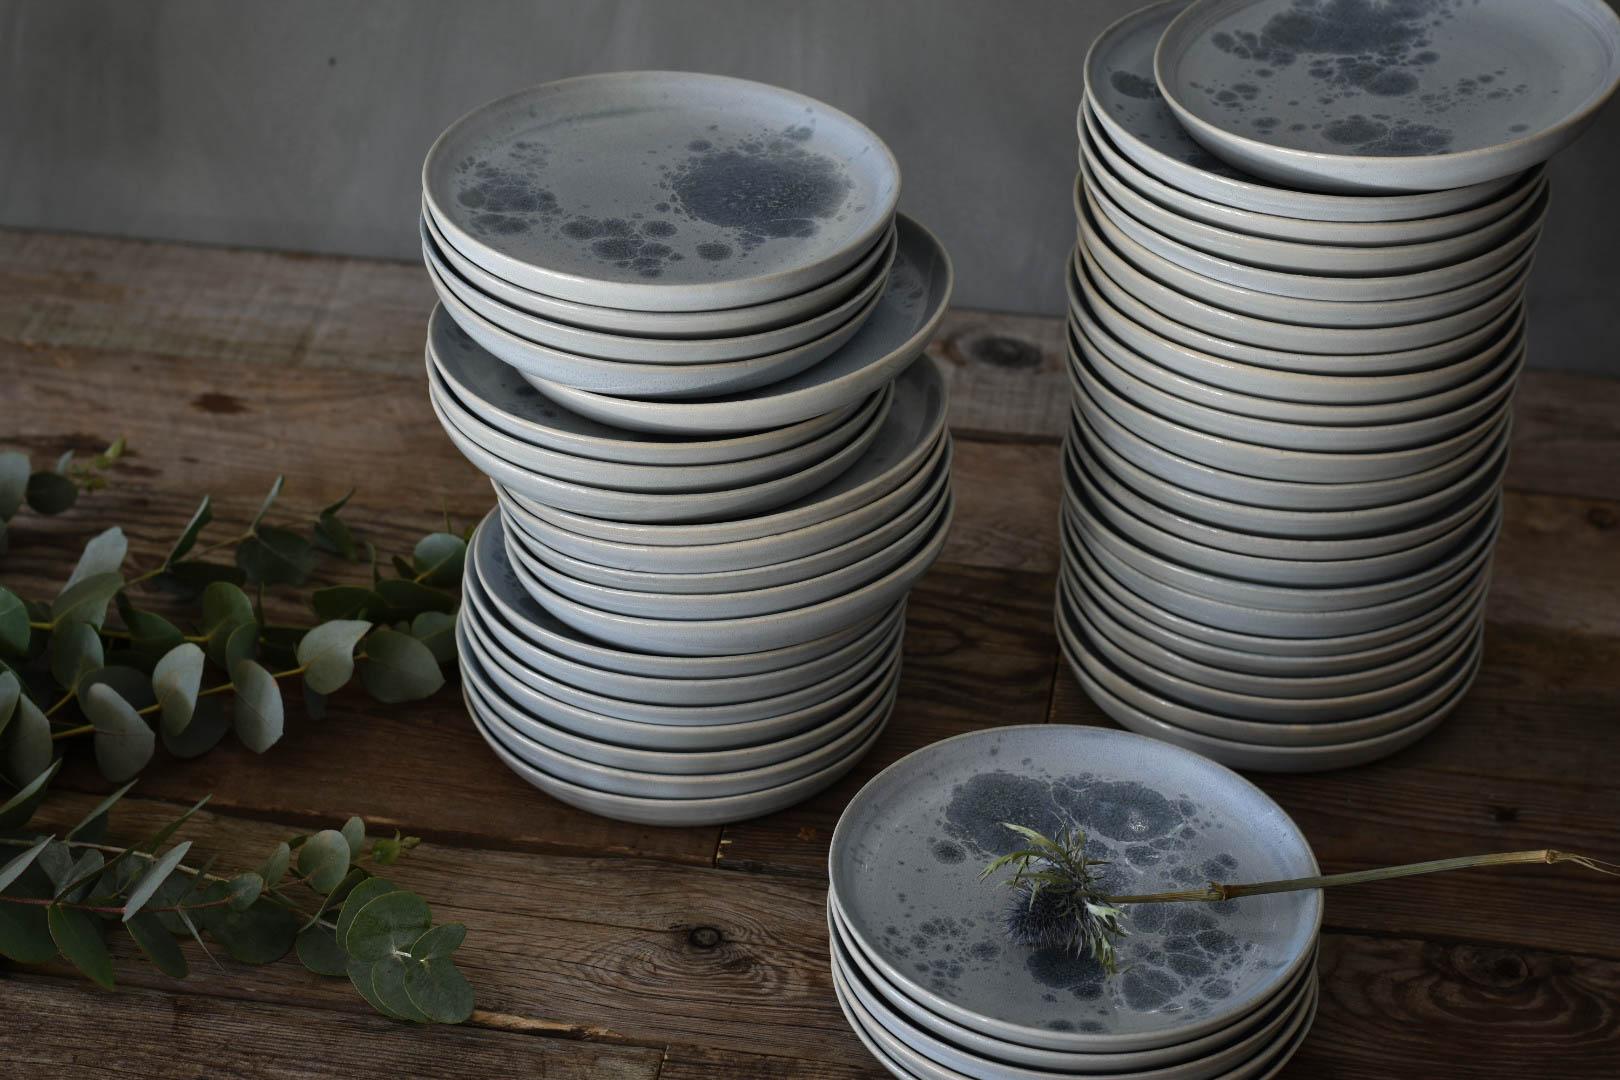 Hånddreid keramikk - Se mer